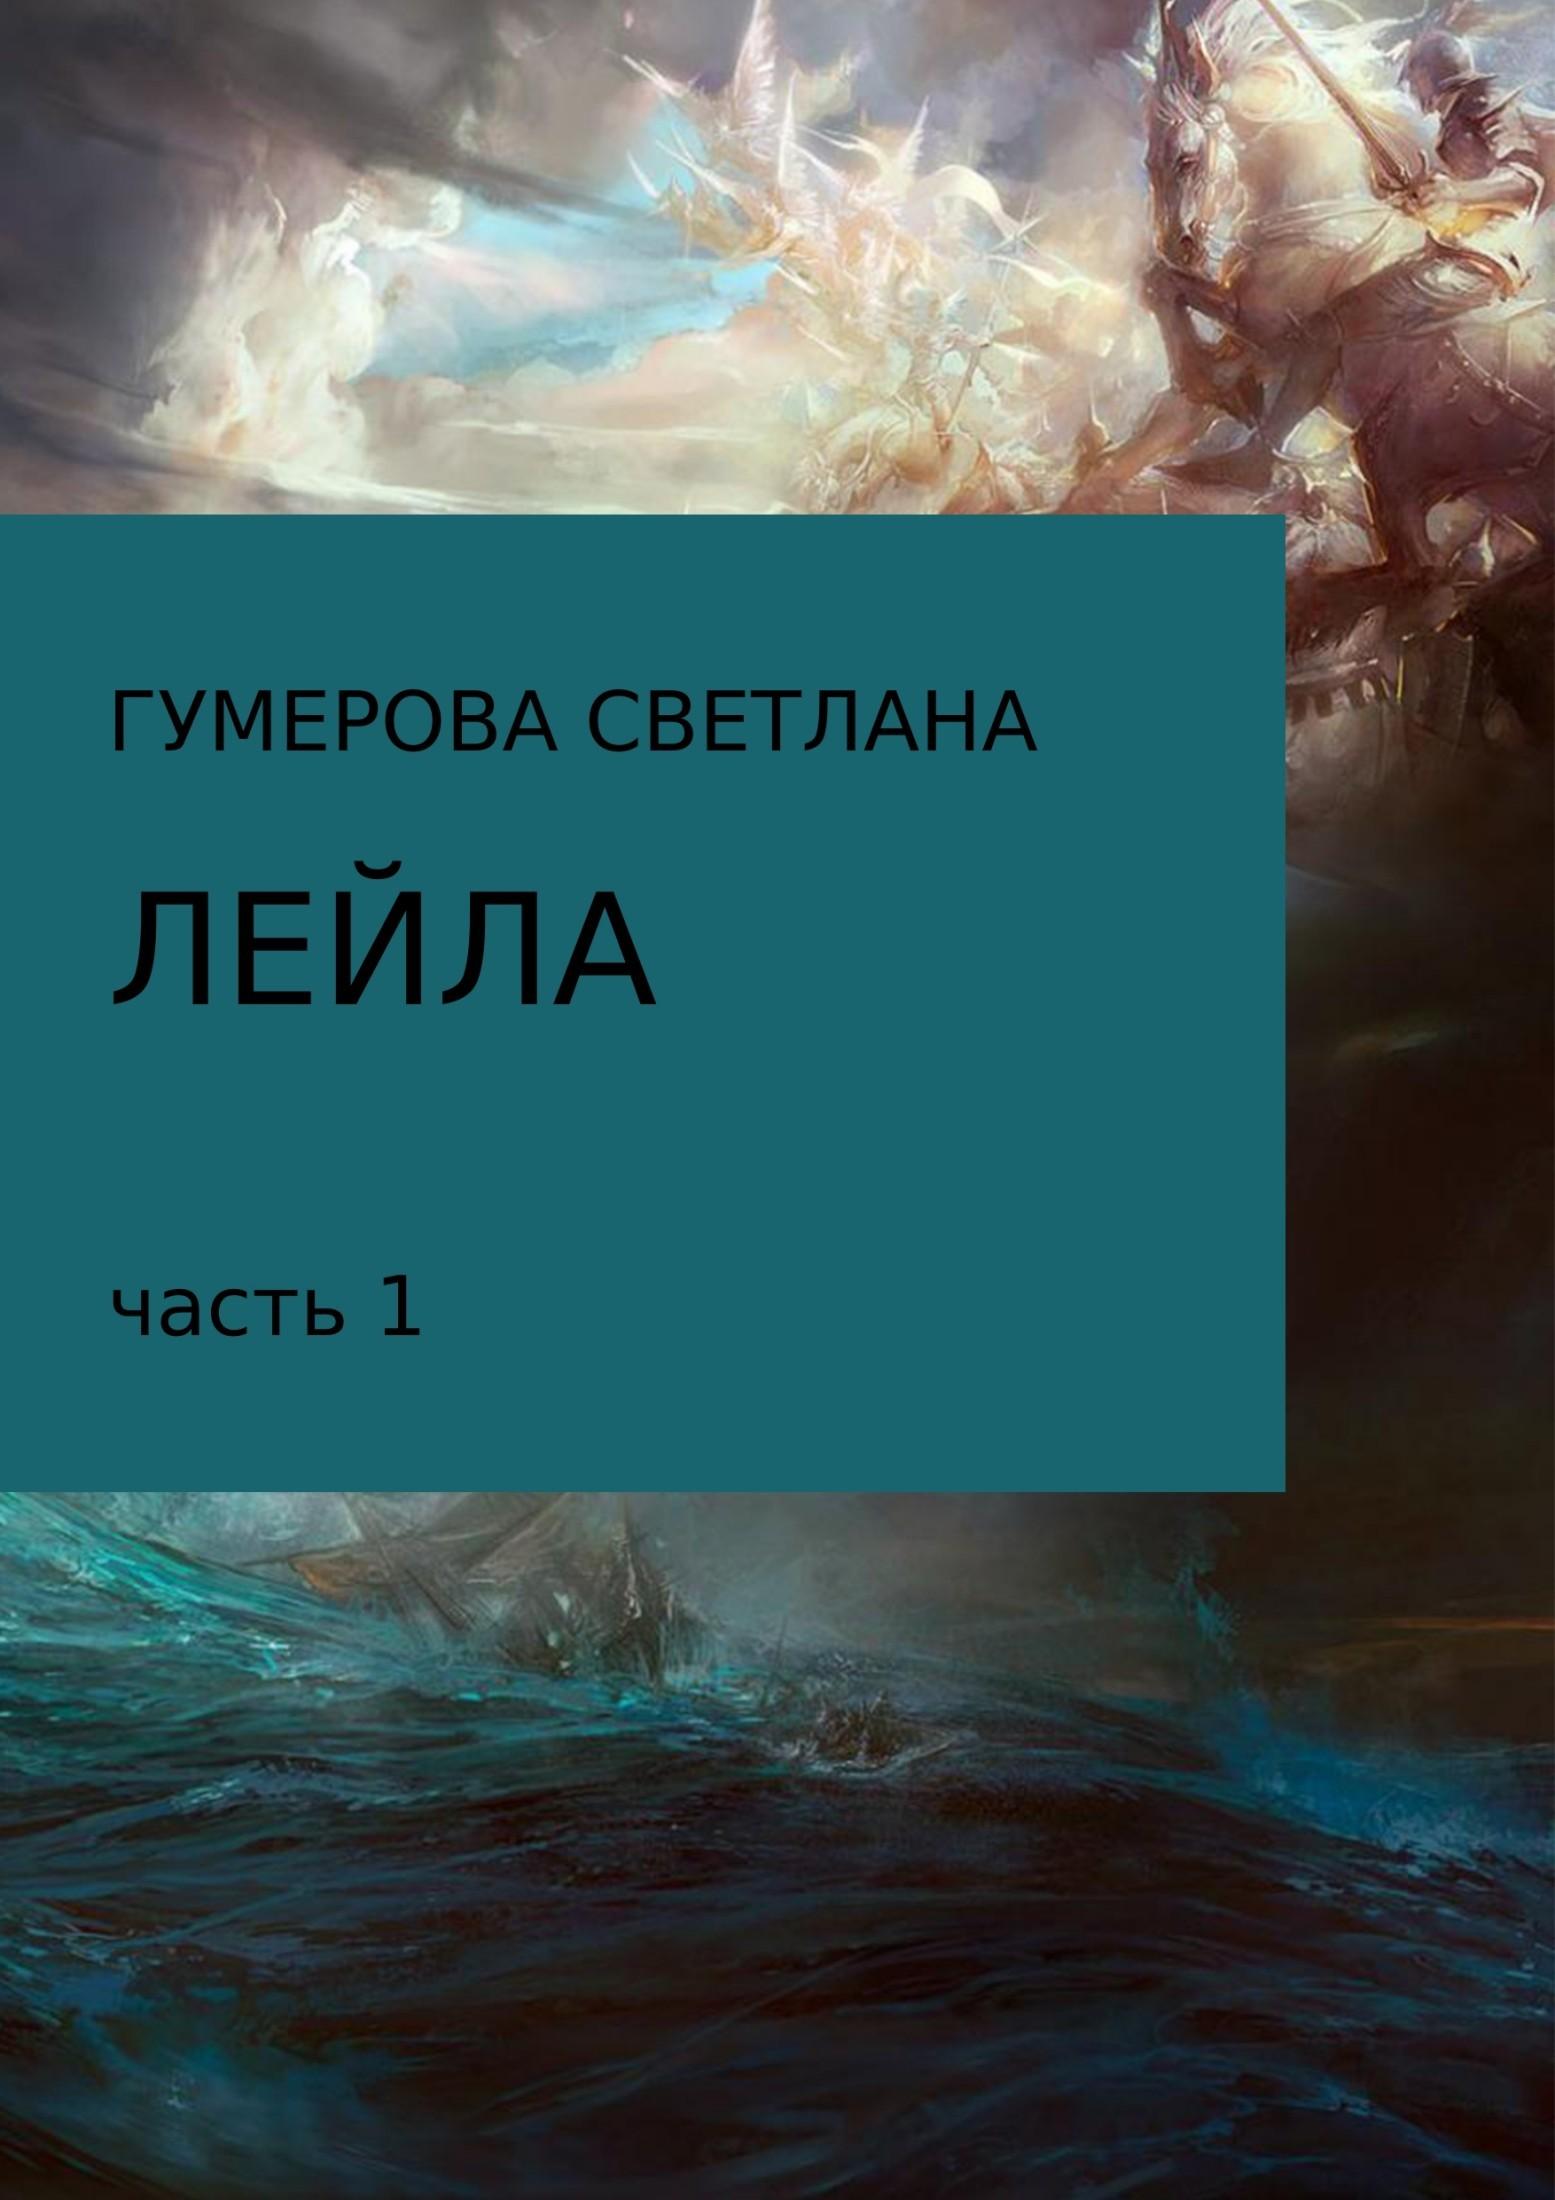 Книга притягивает взоры 32/96/52/32965275.bin.dir/32965275.cover.jpg обложка